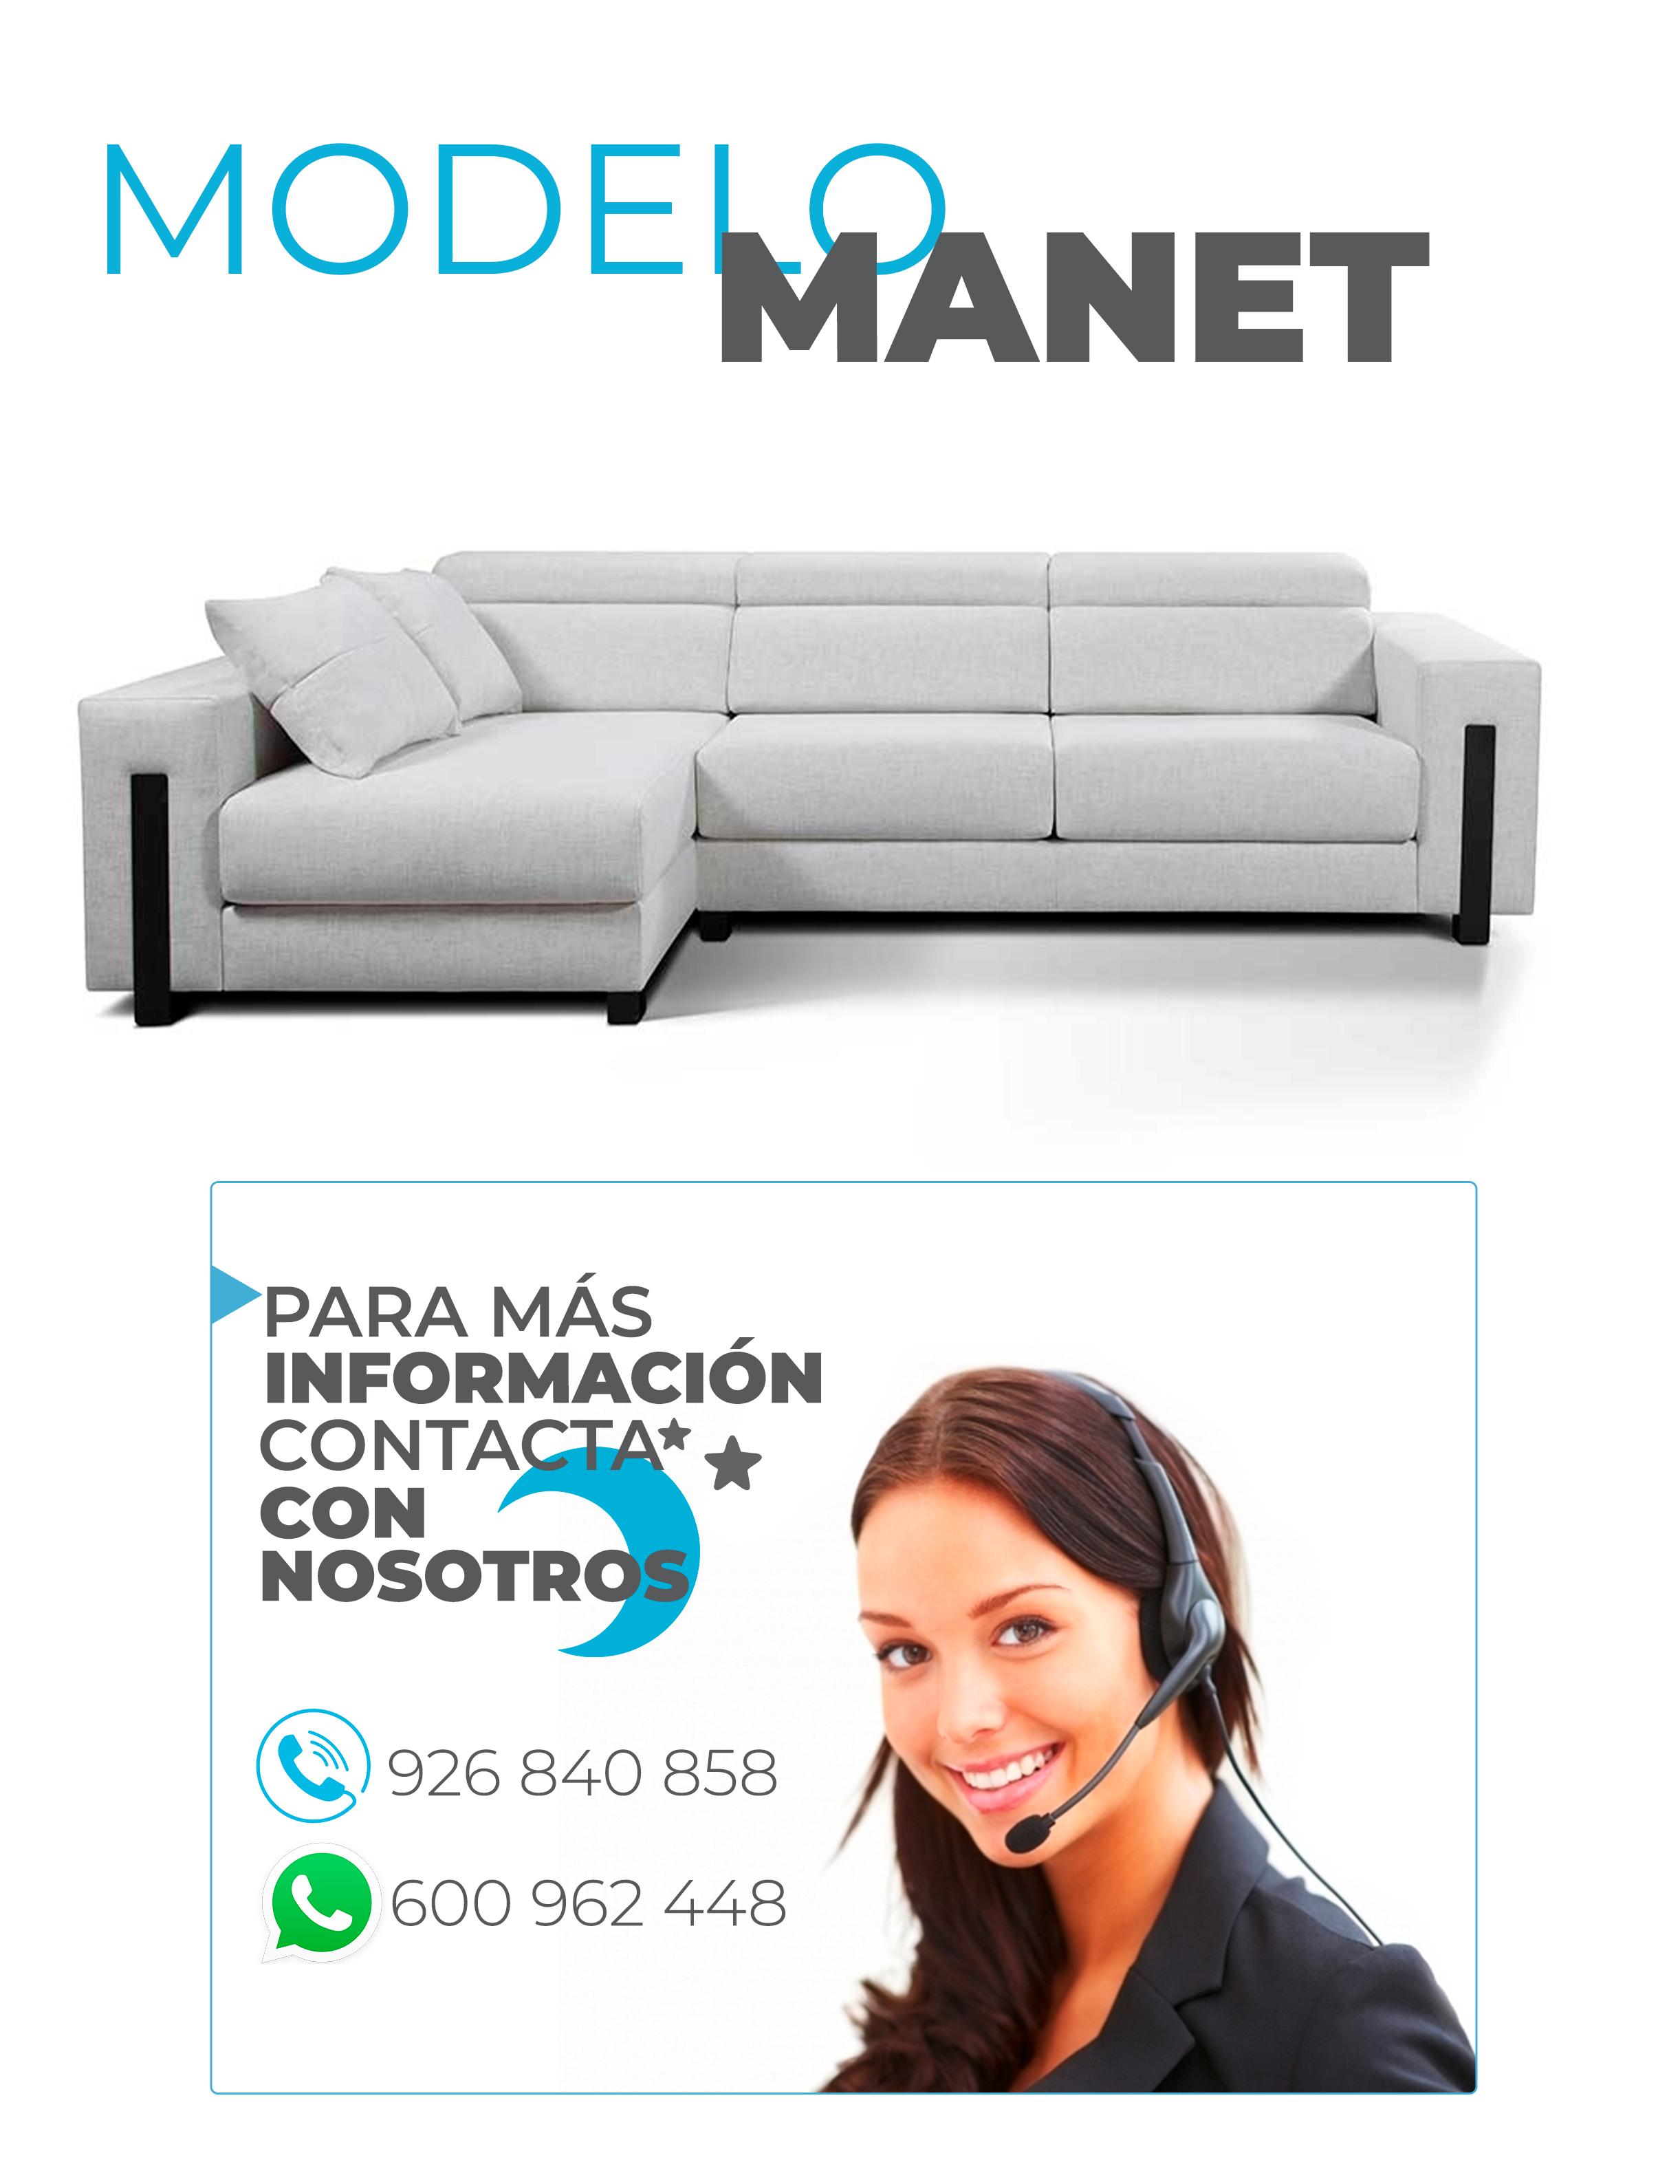 MODELO MANET2.jpg